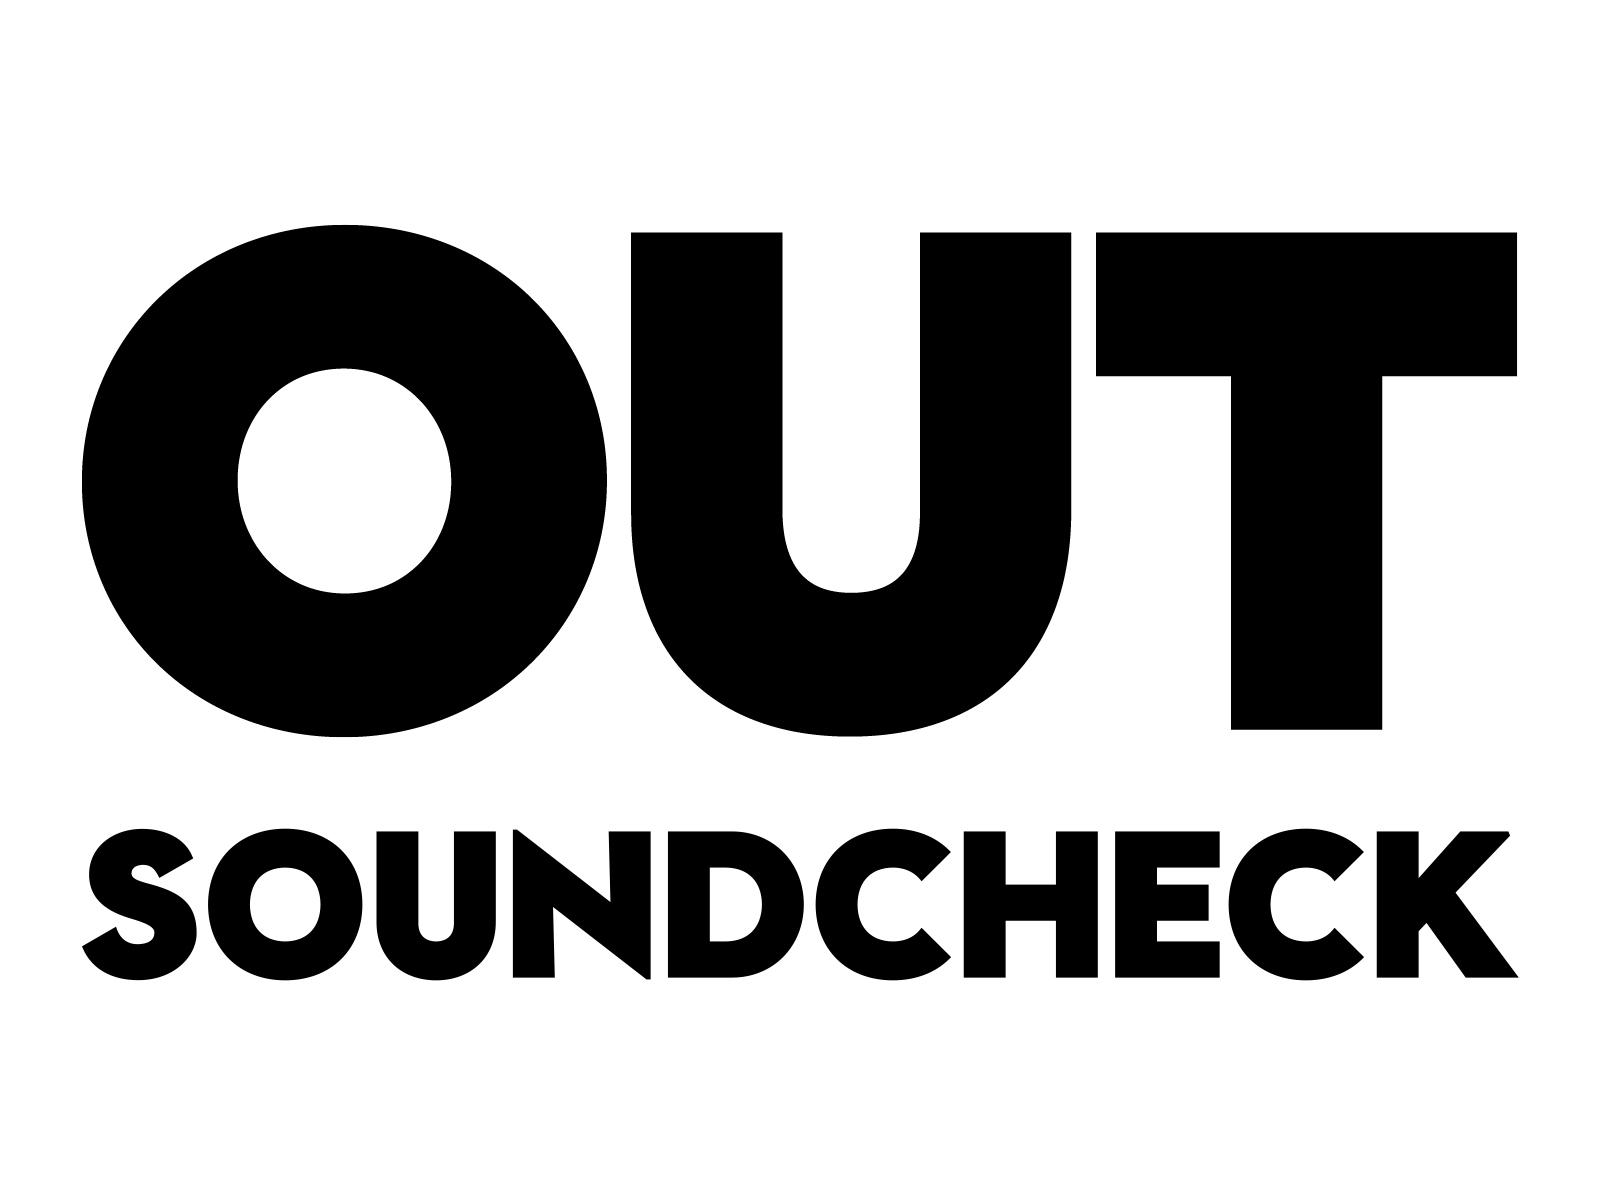 Here-OutPresents_SoundcheckS2-Full-Image-en-US.jpg